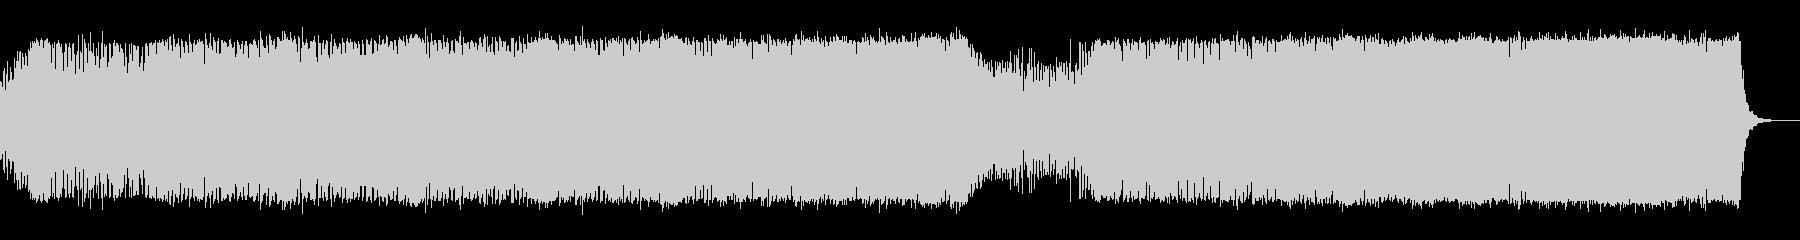 bpm147の賑やかなトランスの未再生の波形